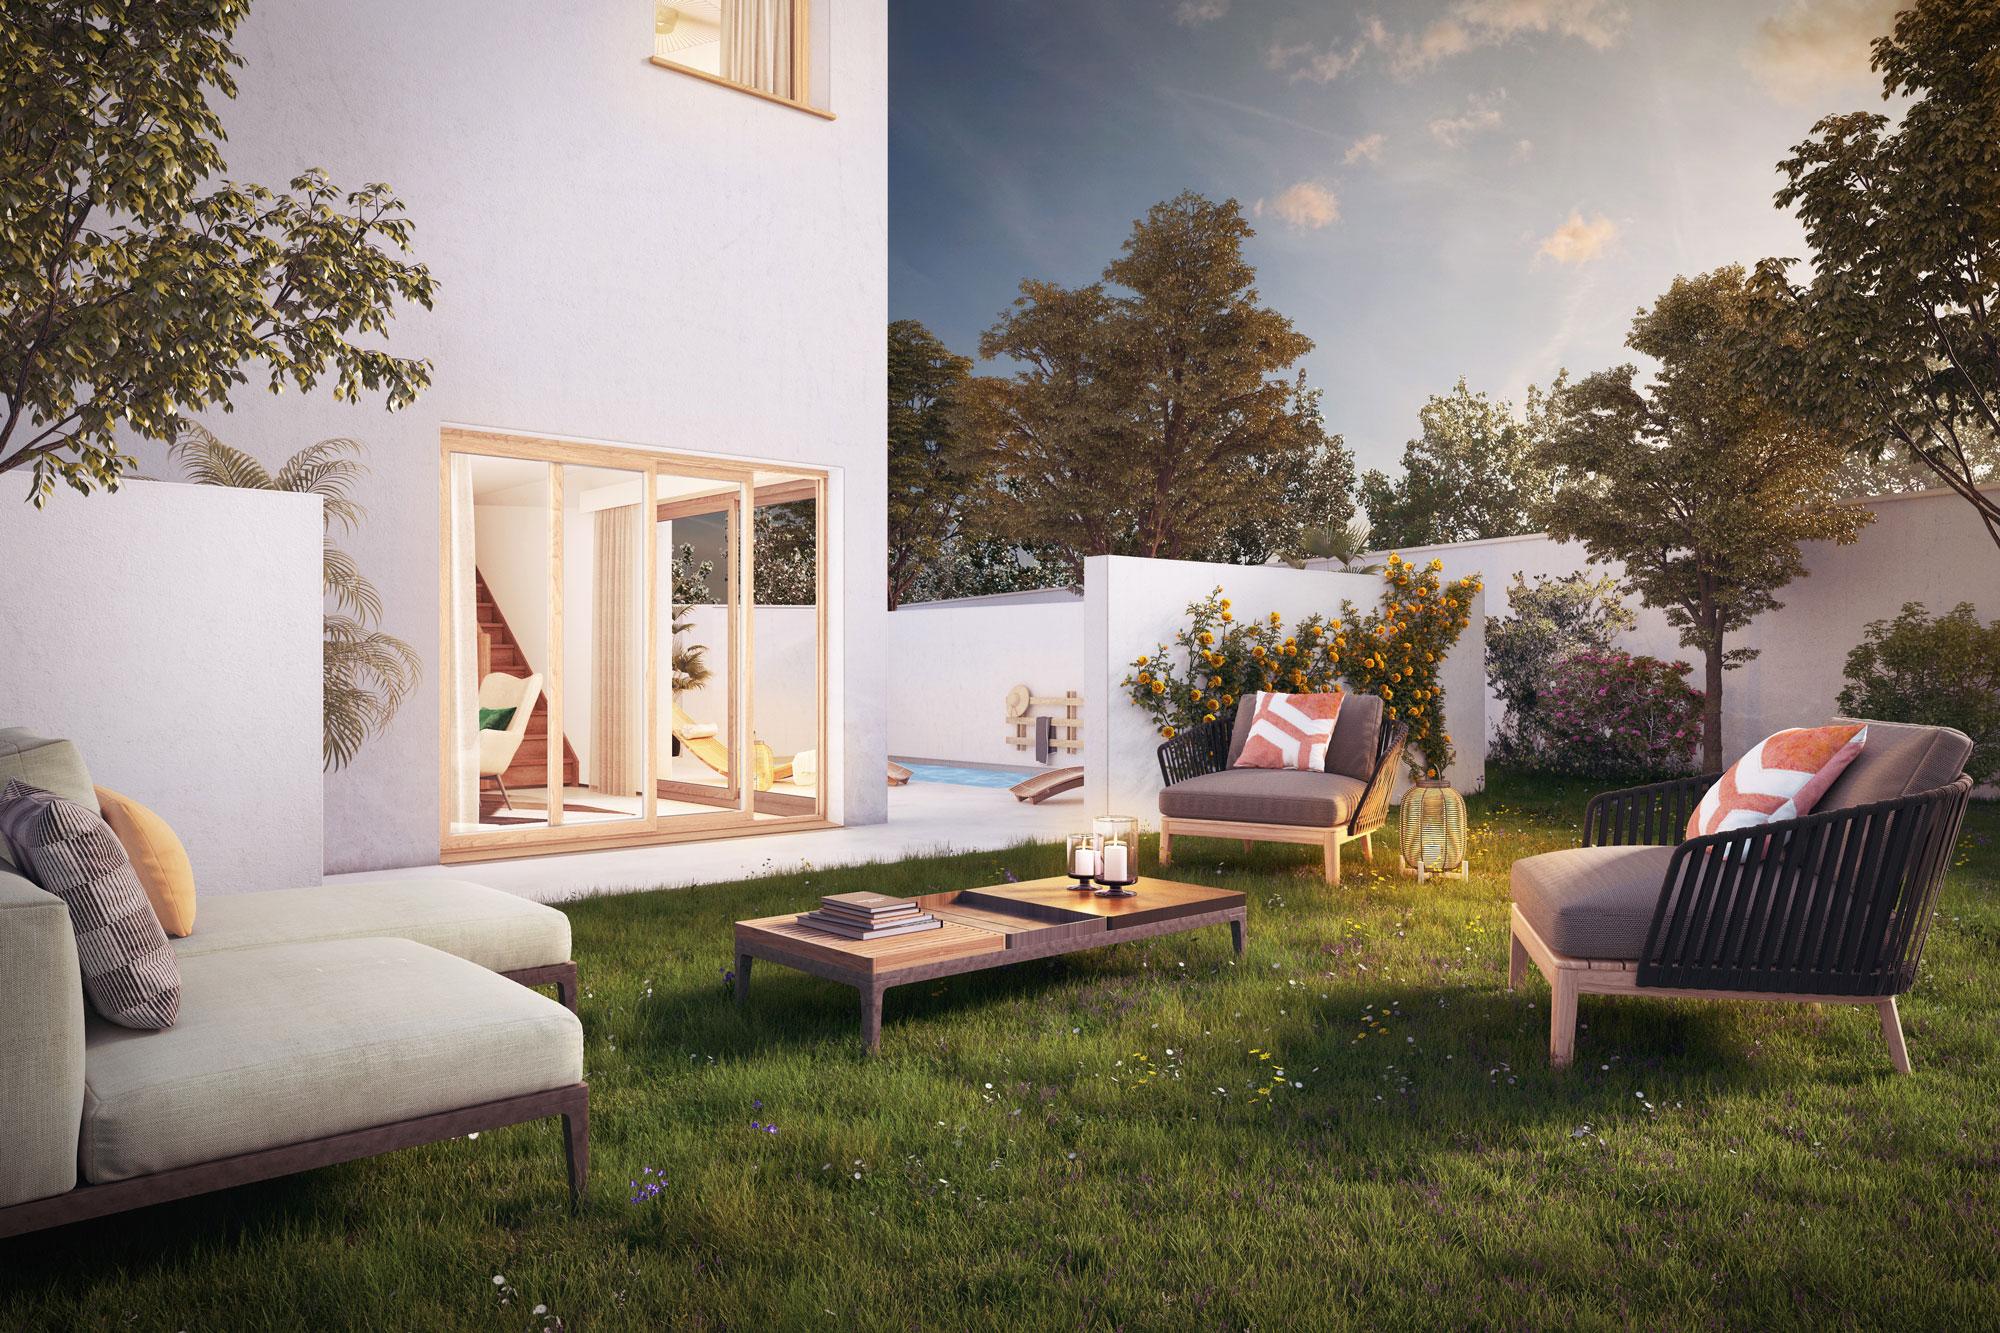 Programme immobilier ALT78 appartement à Carro (13500) quartier résidentiel au bord de mer